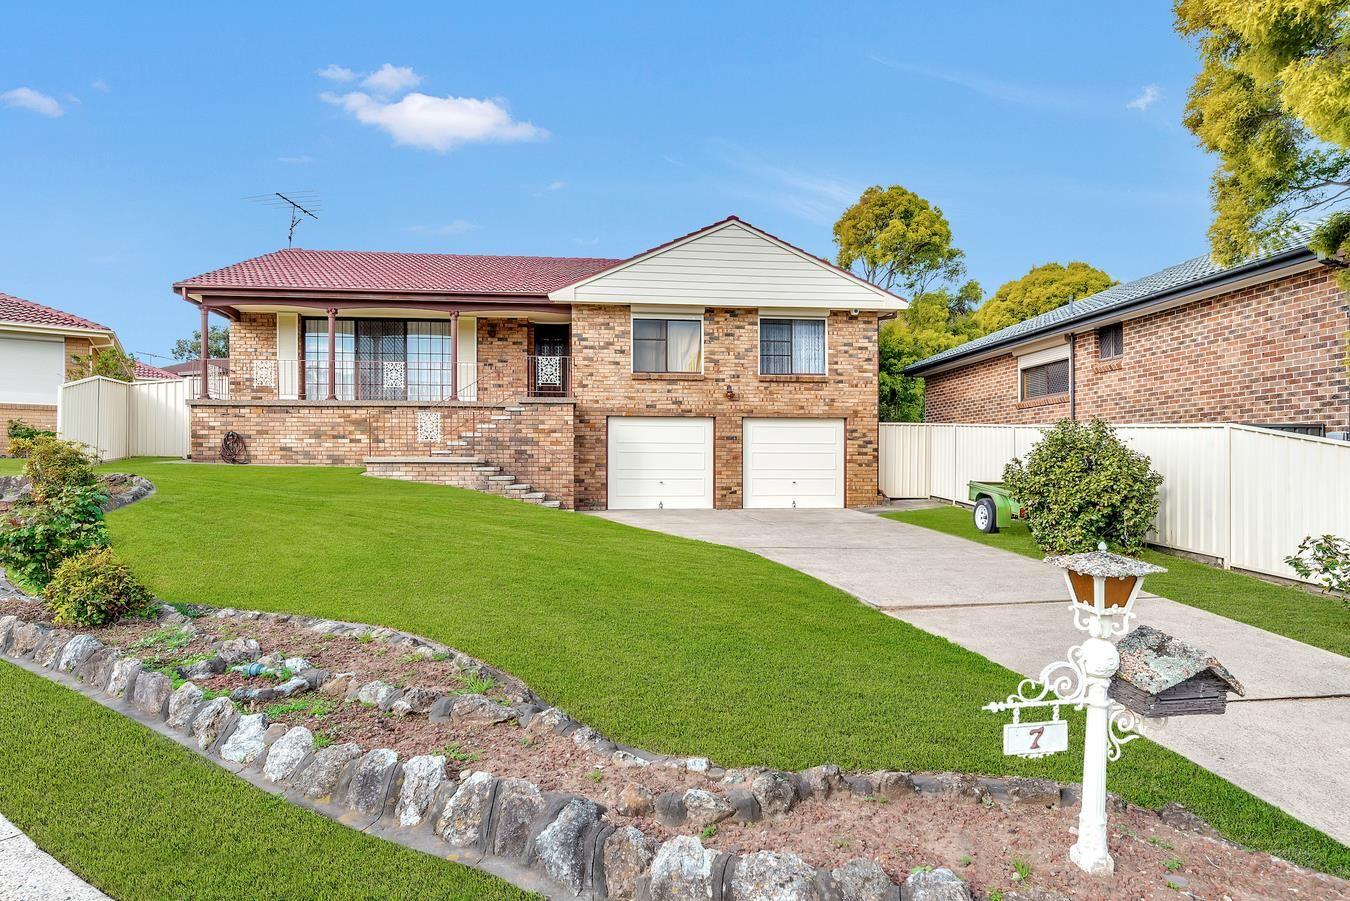 7 Clegg Place, Prairiewood NSW 2176, Image 0